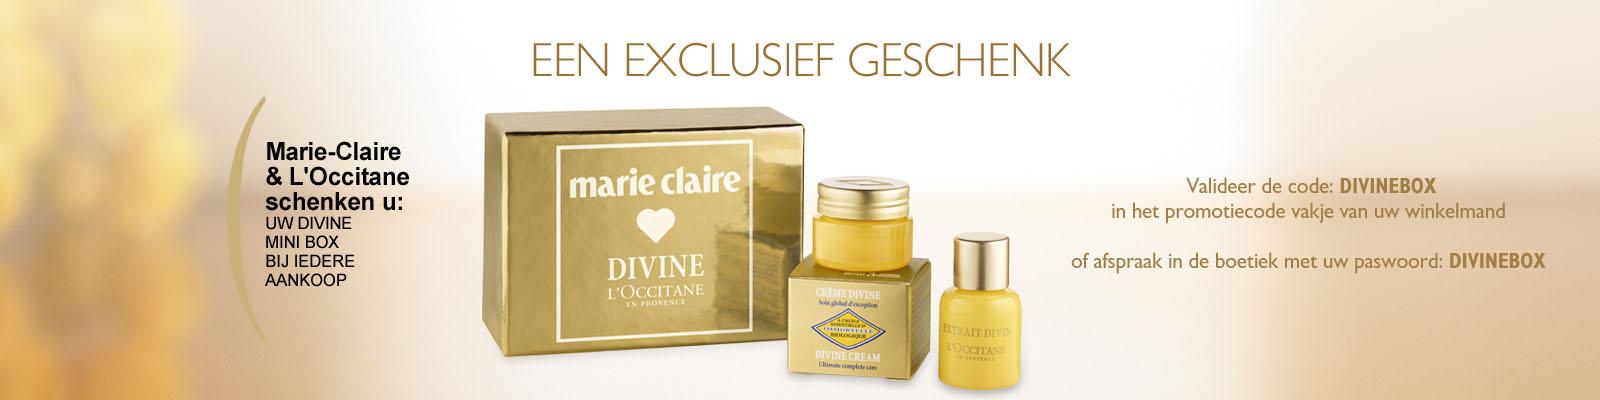 aanbod Divine Marie-Claire - L'Occitane